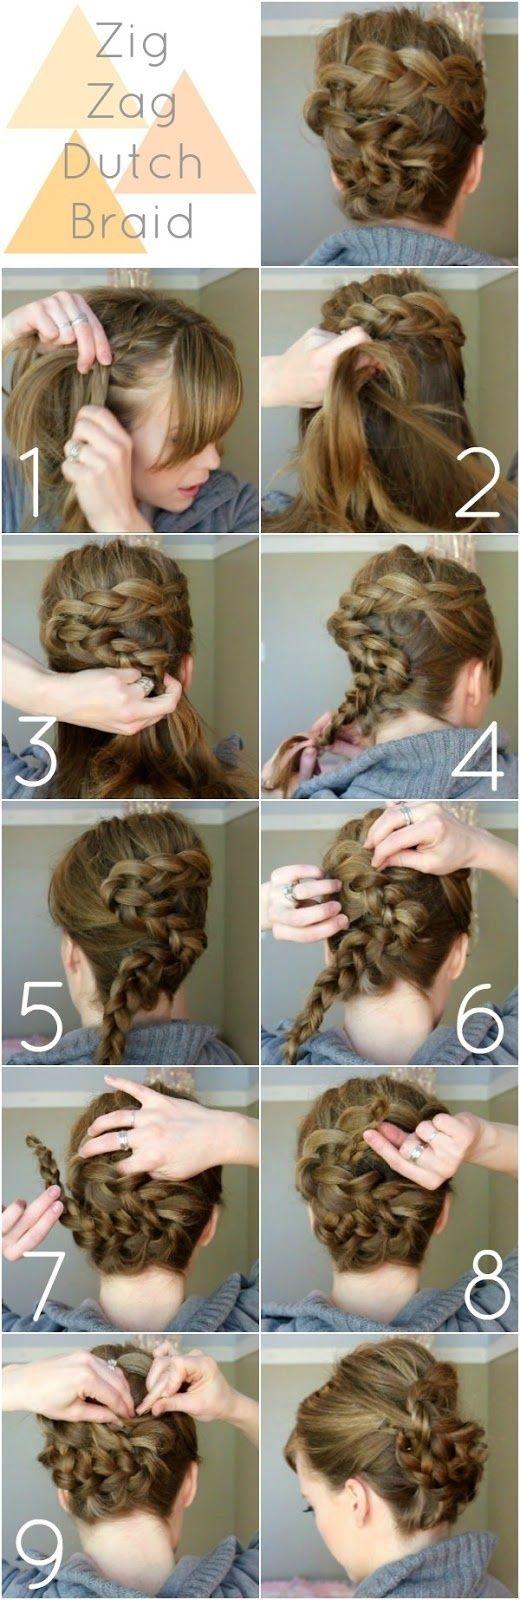 Coco braid hairstyles diy dance solo hair ideas pinterest